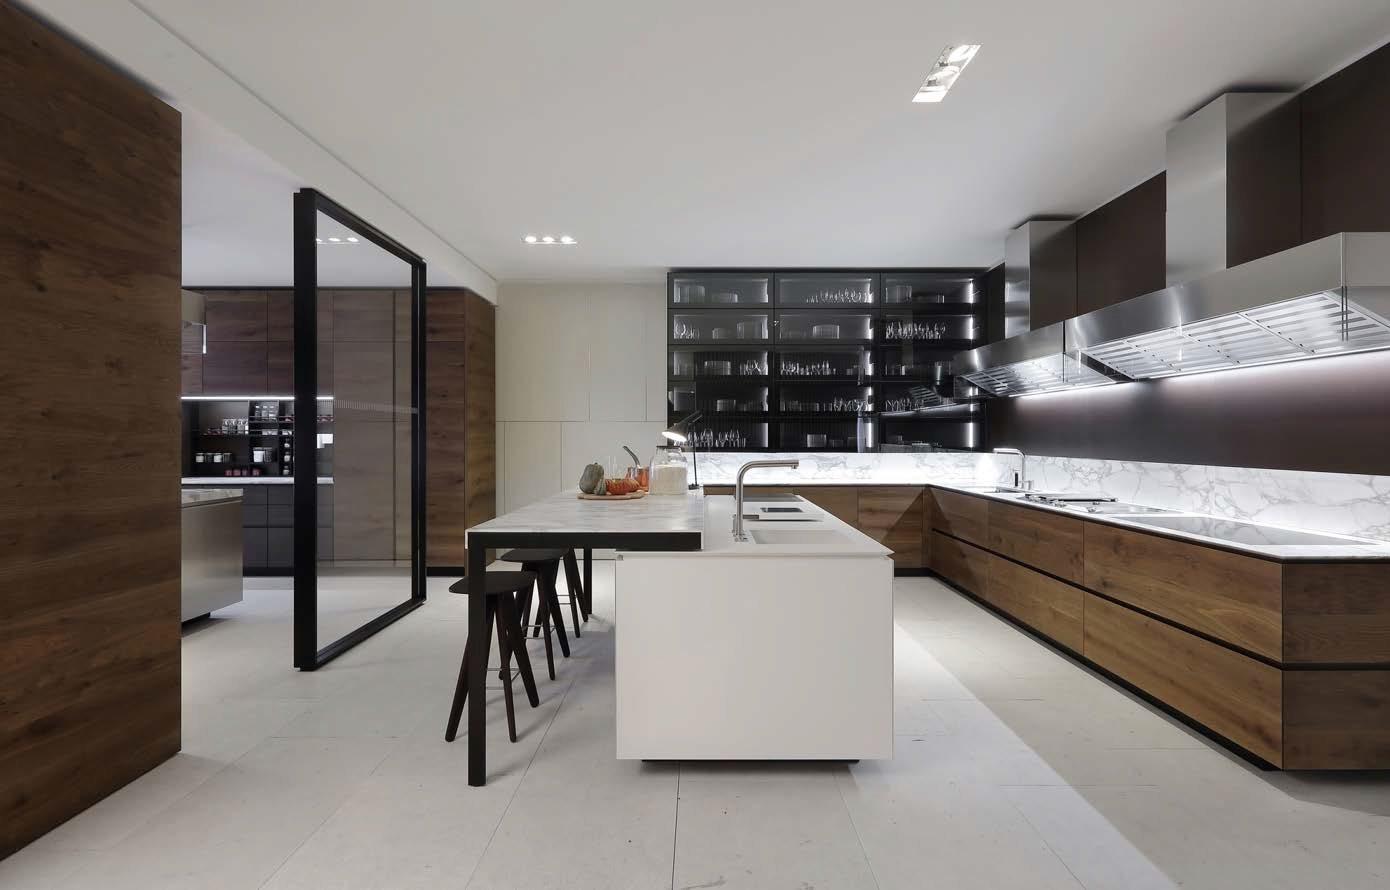 Book varenna kitchens ballarini interni ballarini interni - Poliform showroom ...